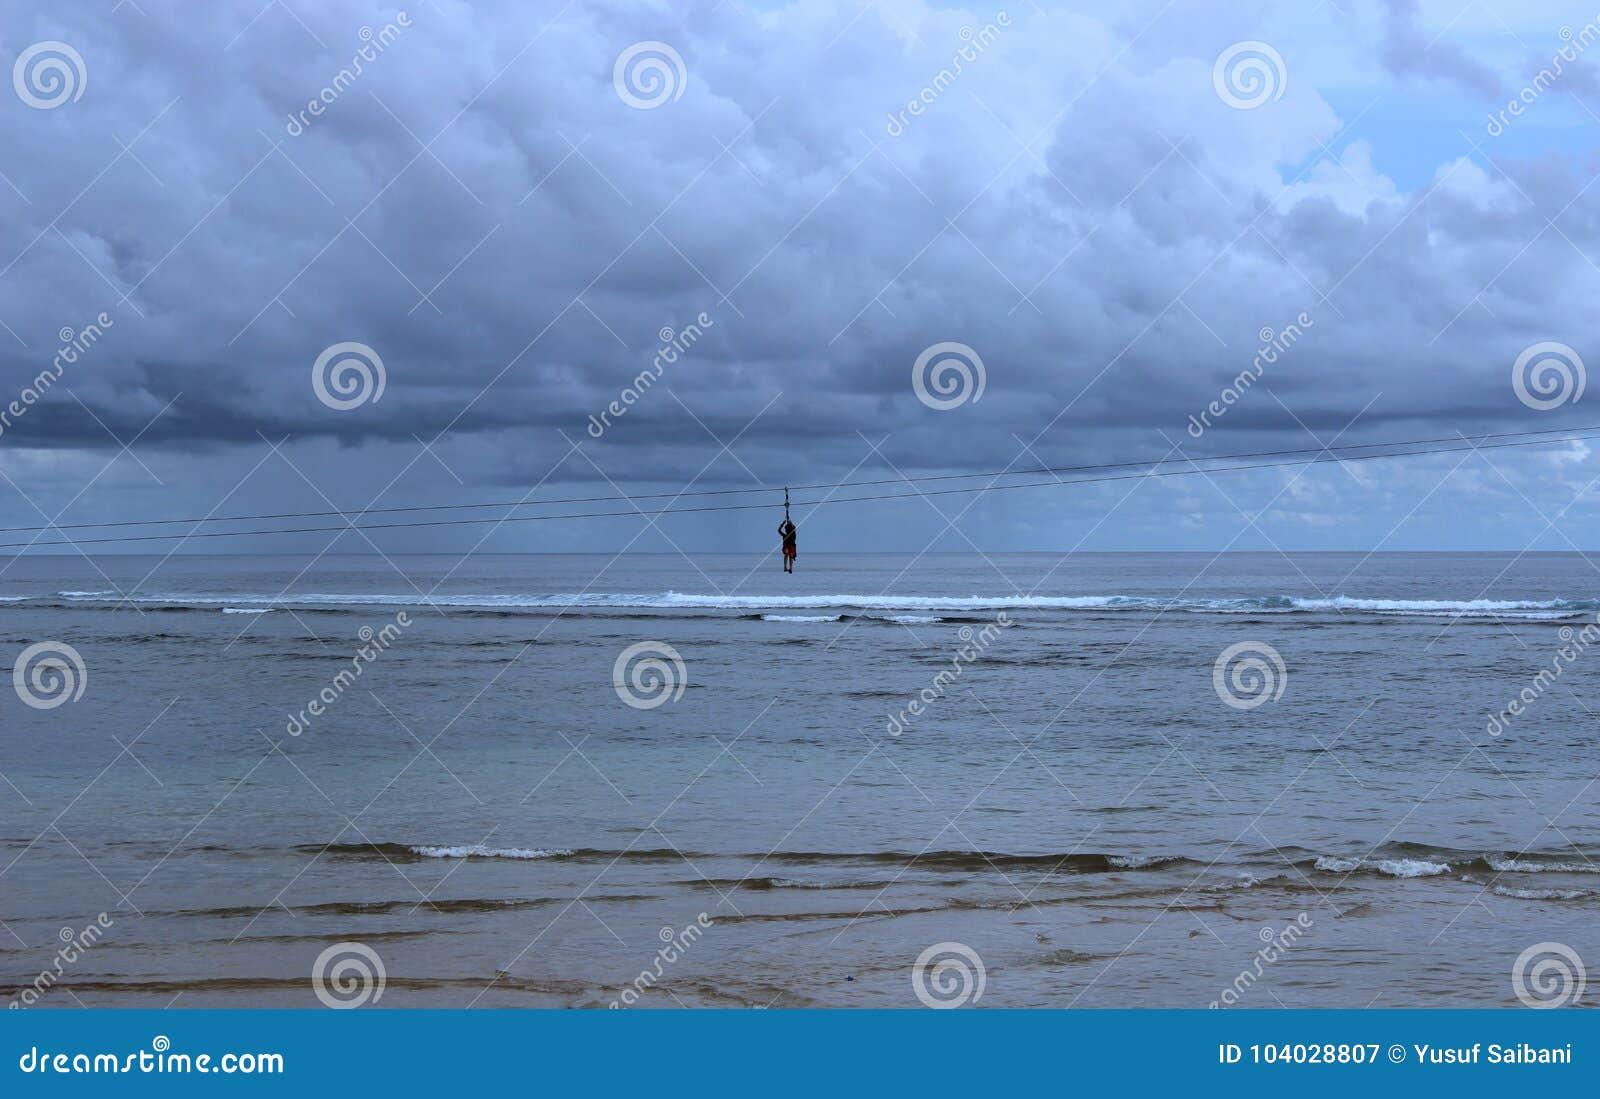 与一个人剪影的多云海滩